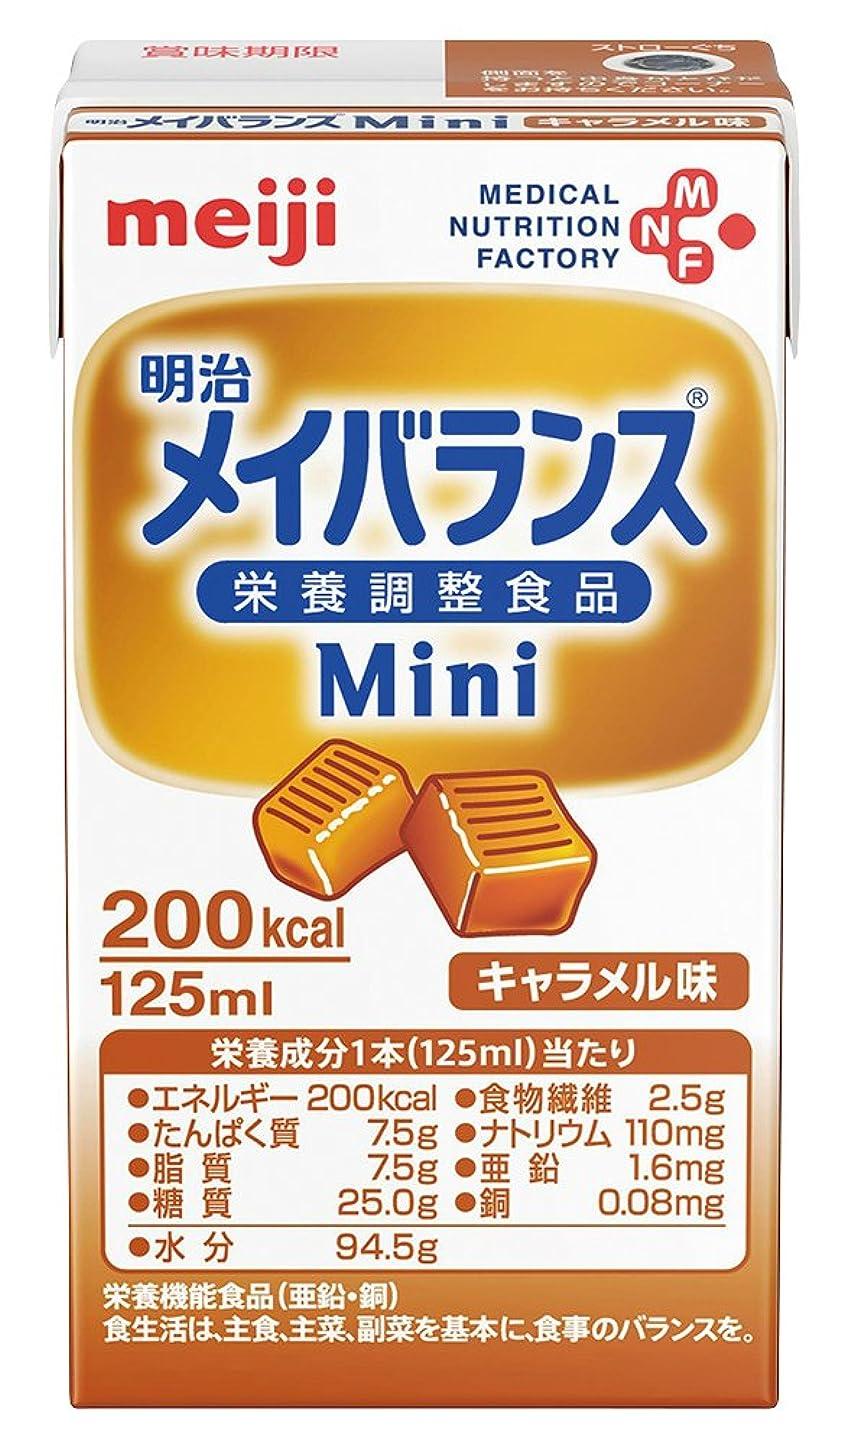 悪因子注目すべきパトロン【明治】メイバランス Mini キャラメル味 125ml